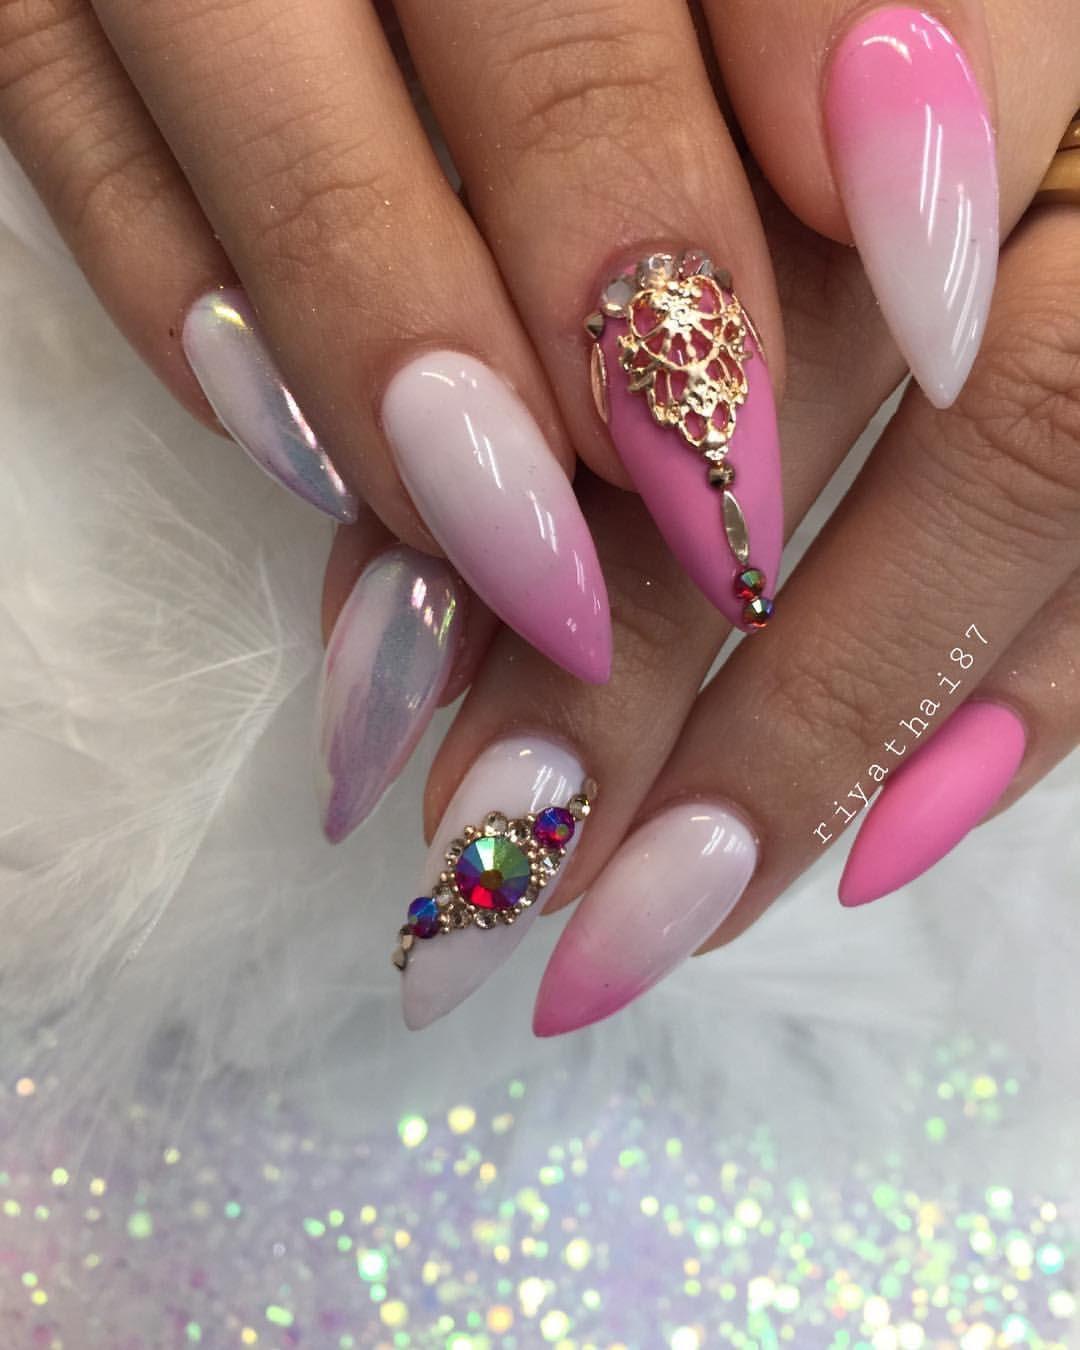 Riya's Nails Salon @riyathai87